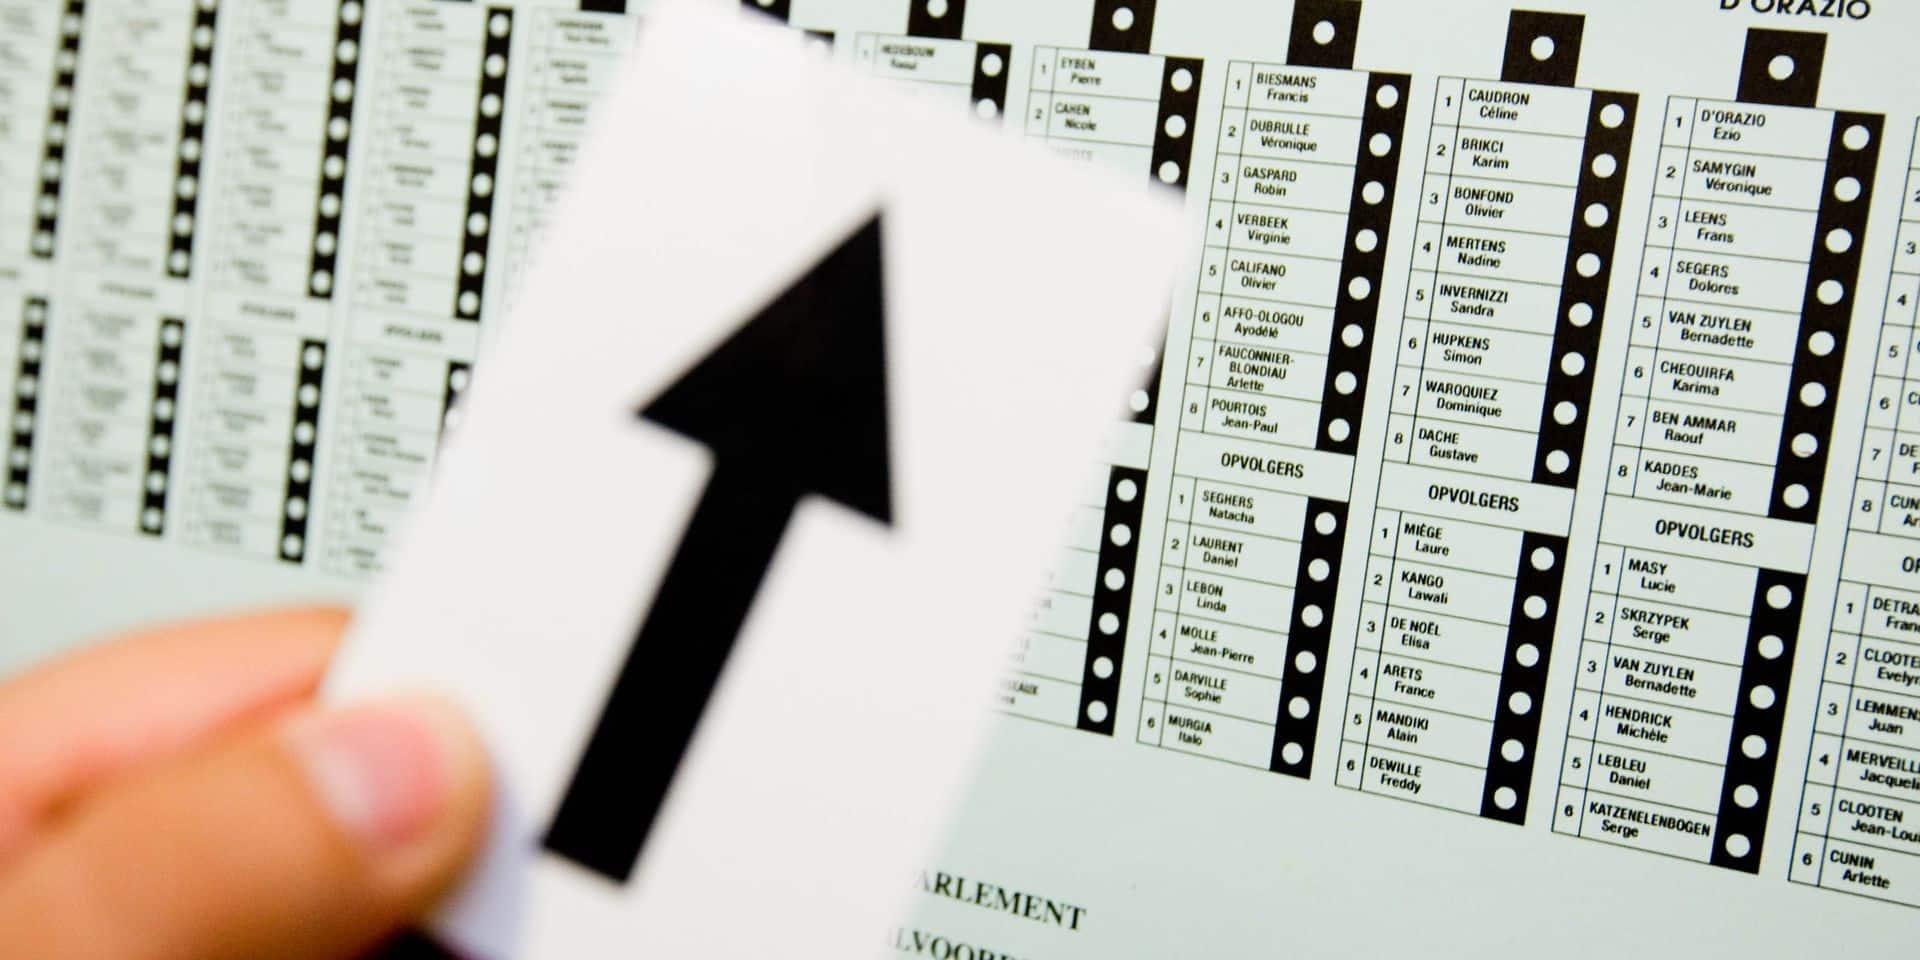 Promesses électorales: les partis vont désormais devoir chiffrer et objectiver leurs propositions